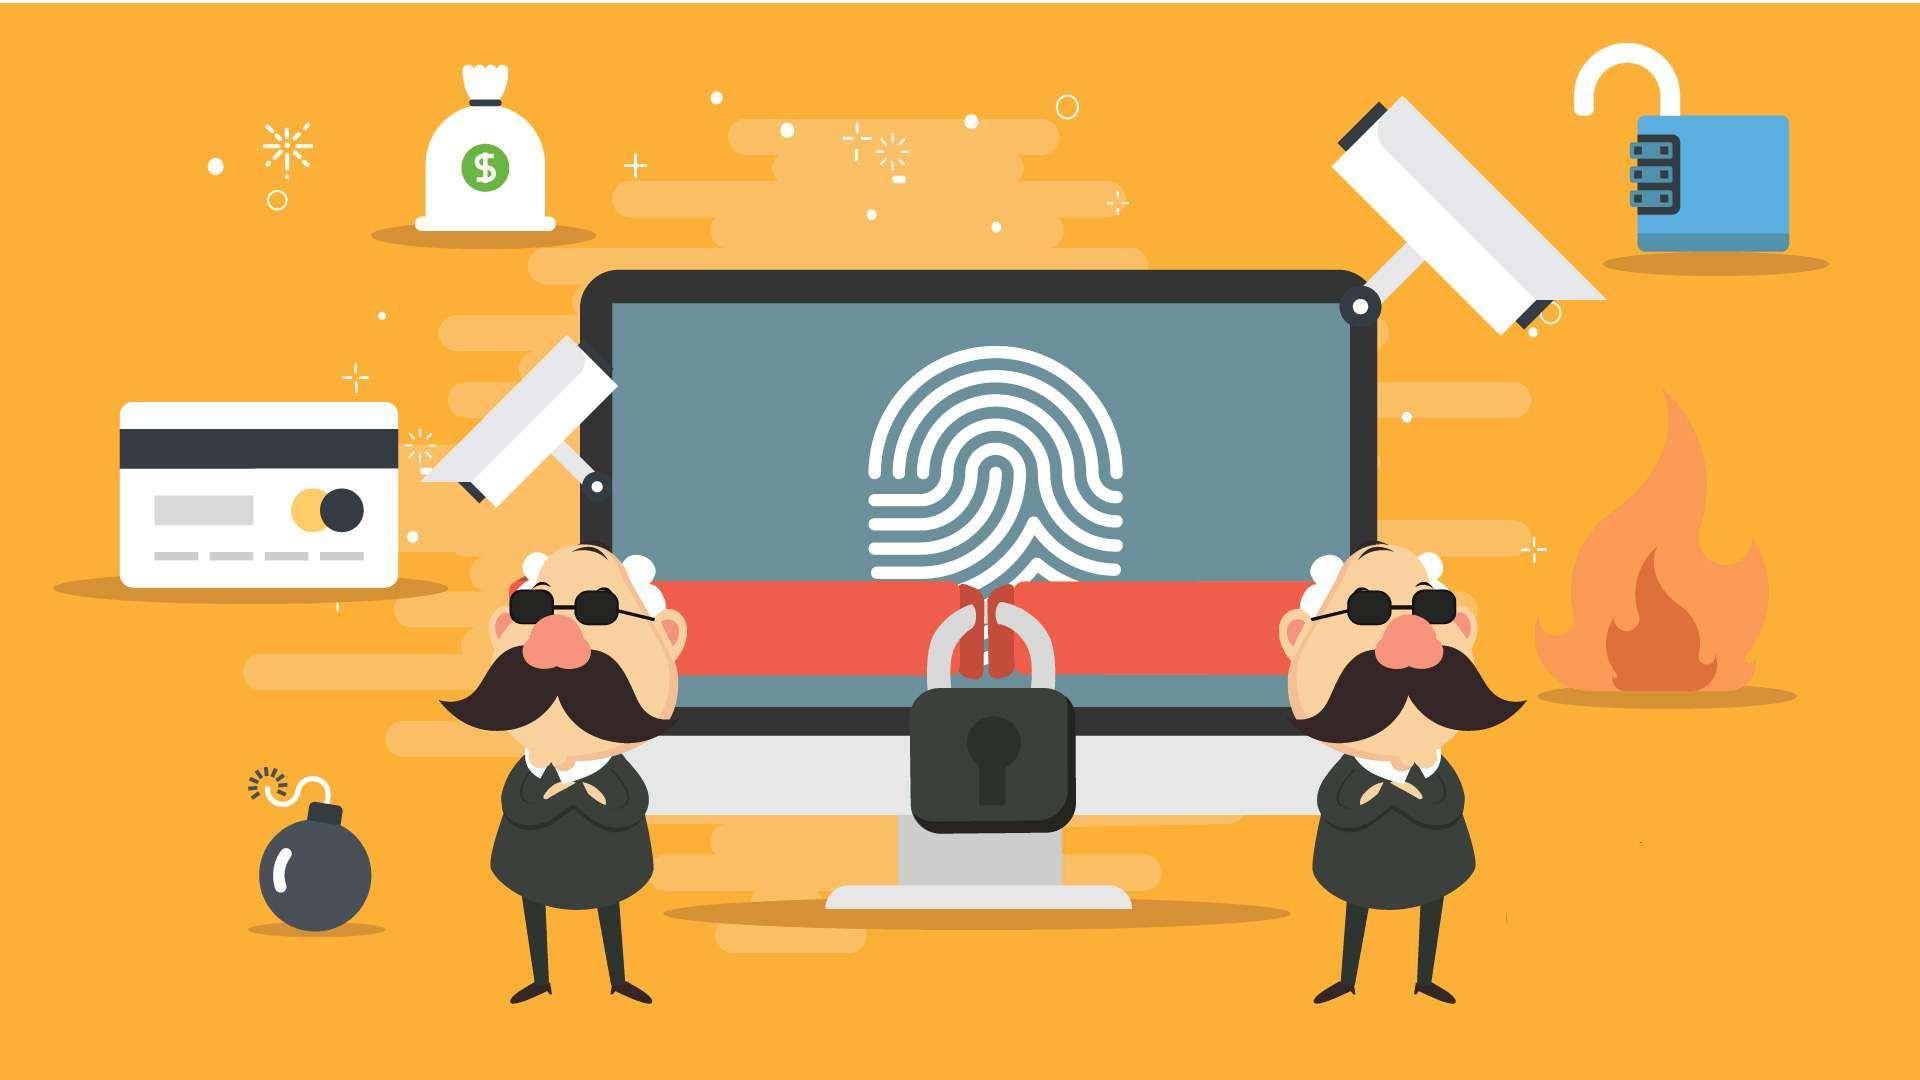 افزایش امنیت و حریم خصوصی سایت فروشگاهی